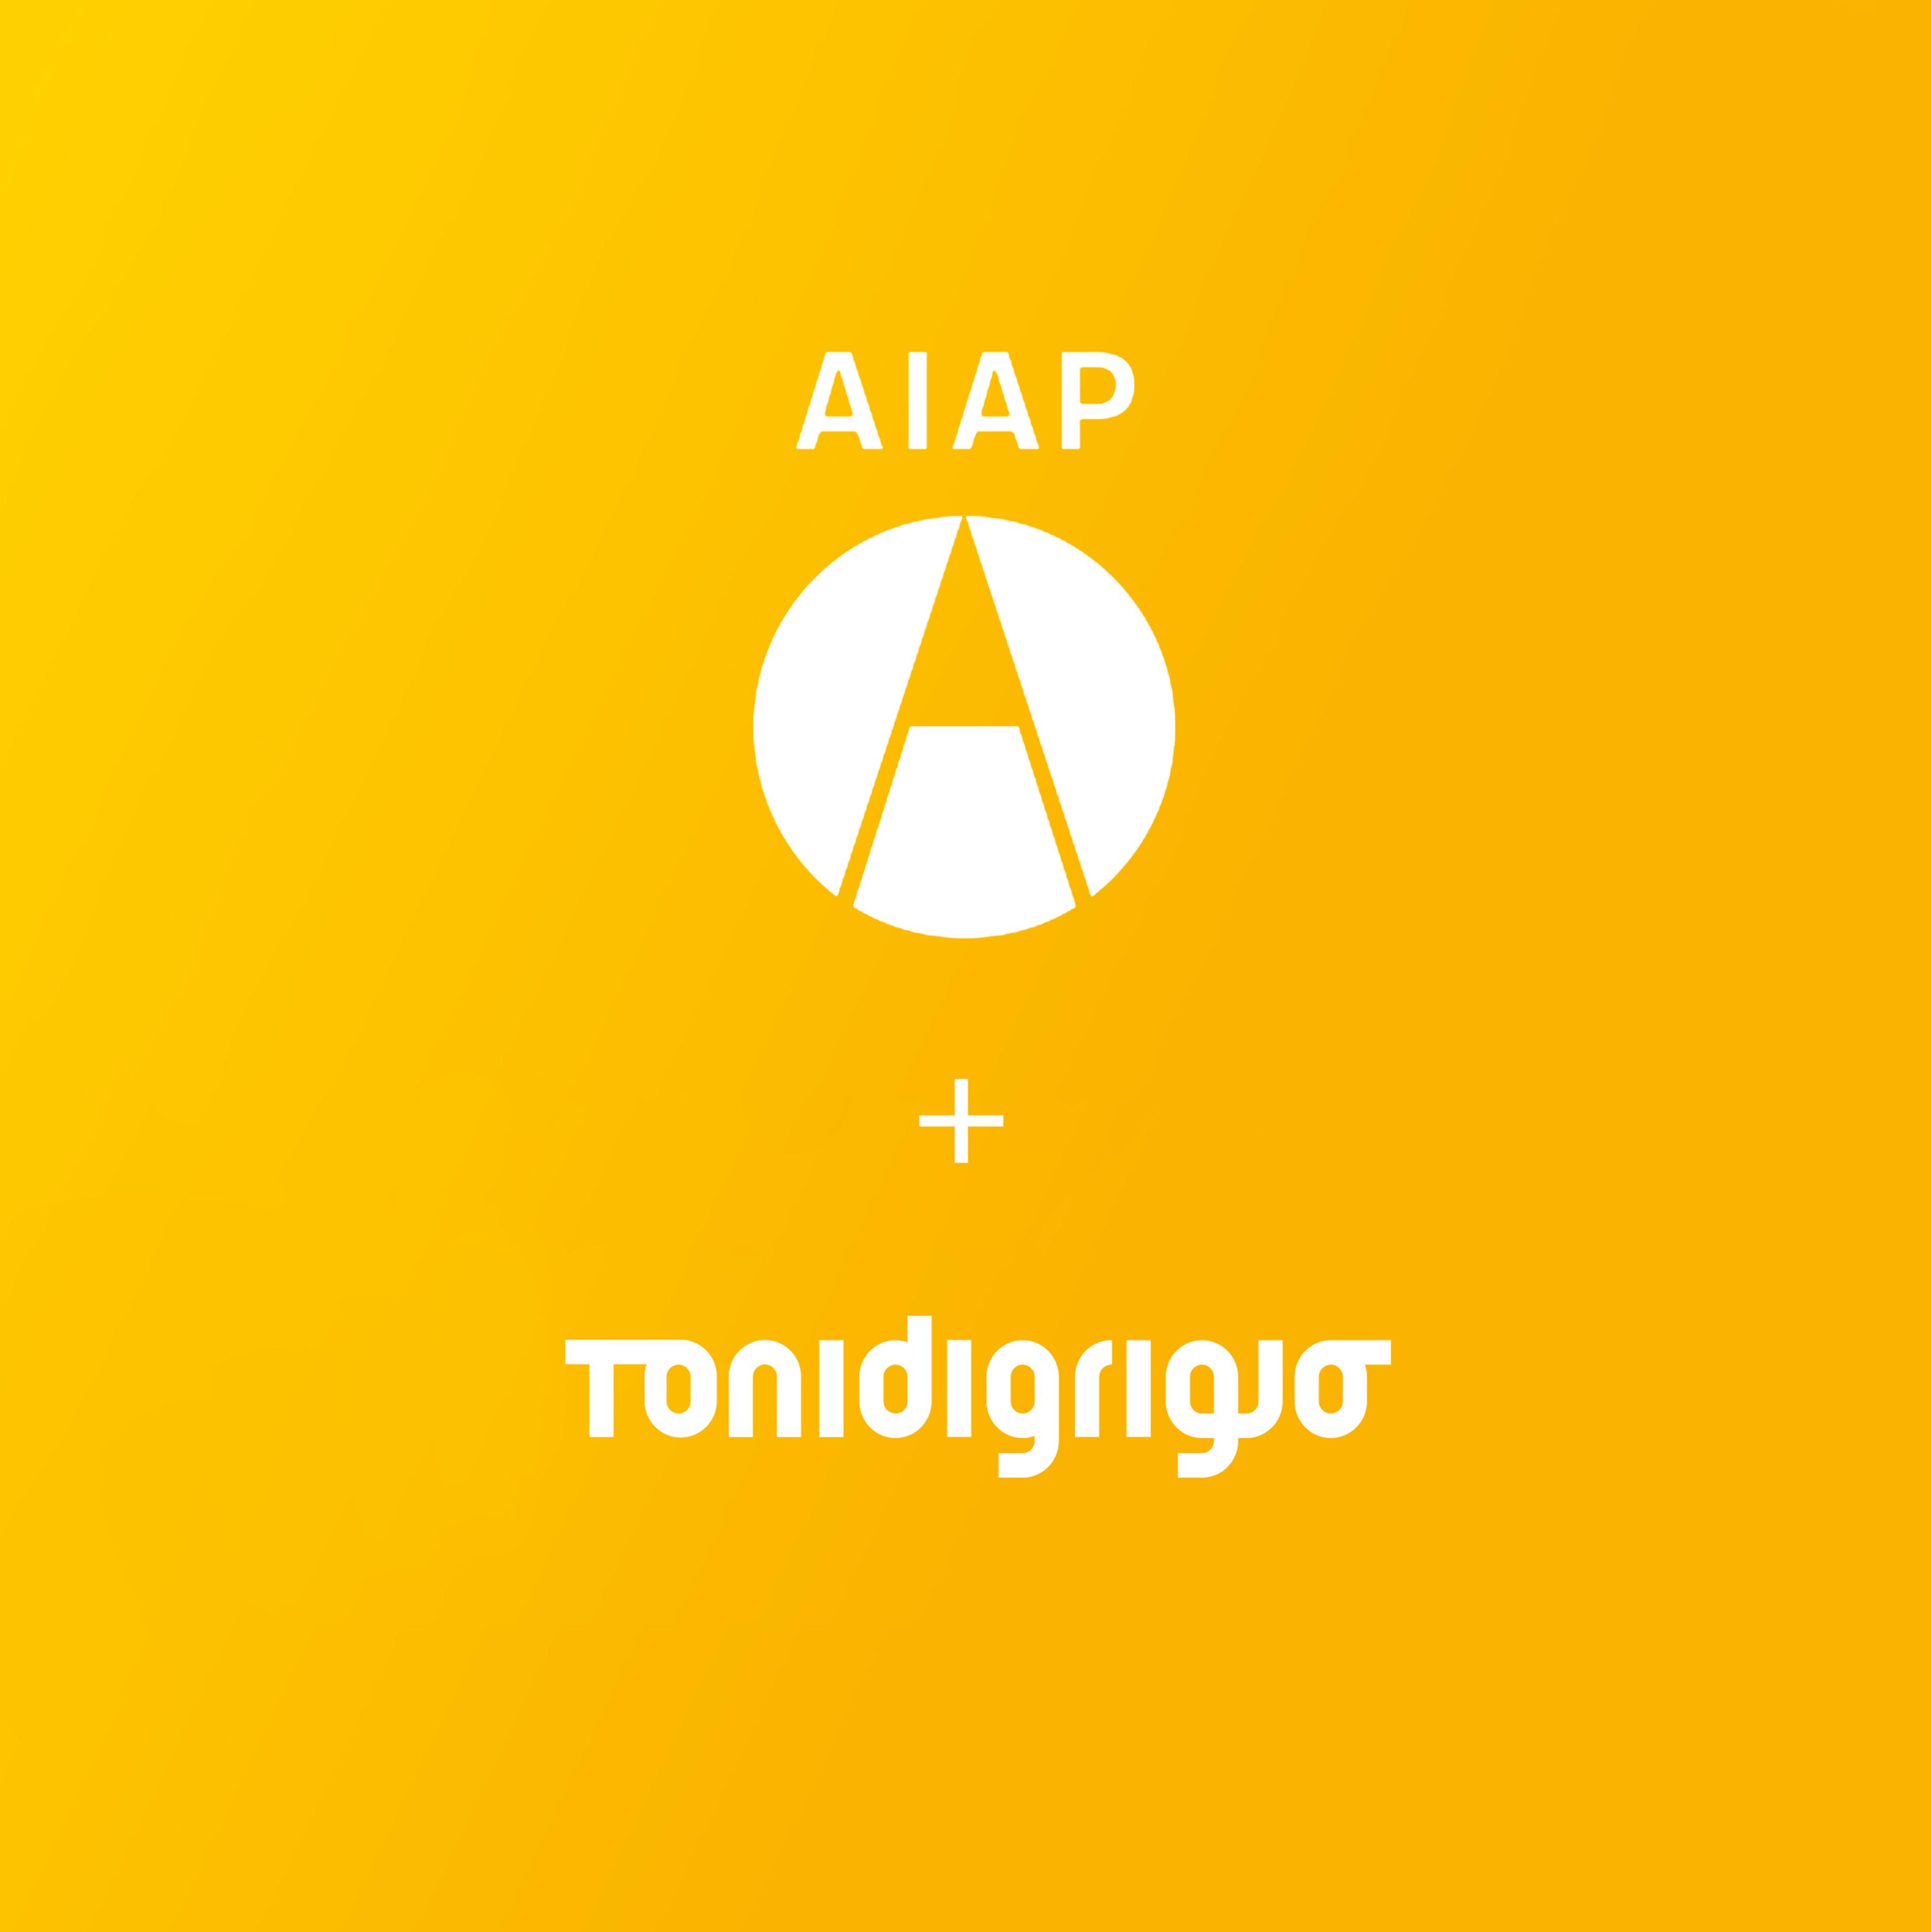 AIAP + Tonidigrigio